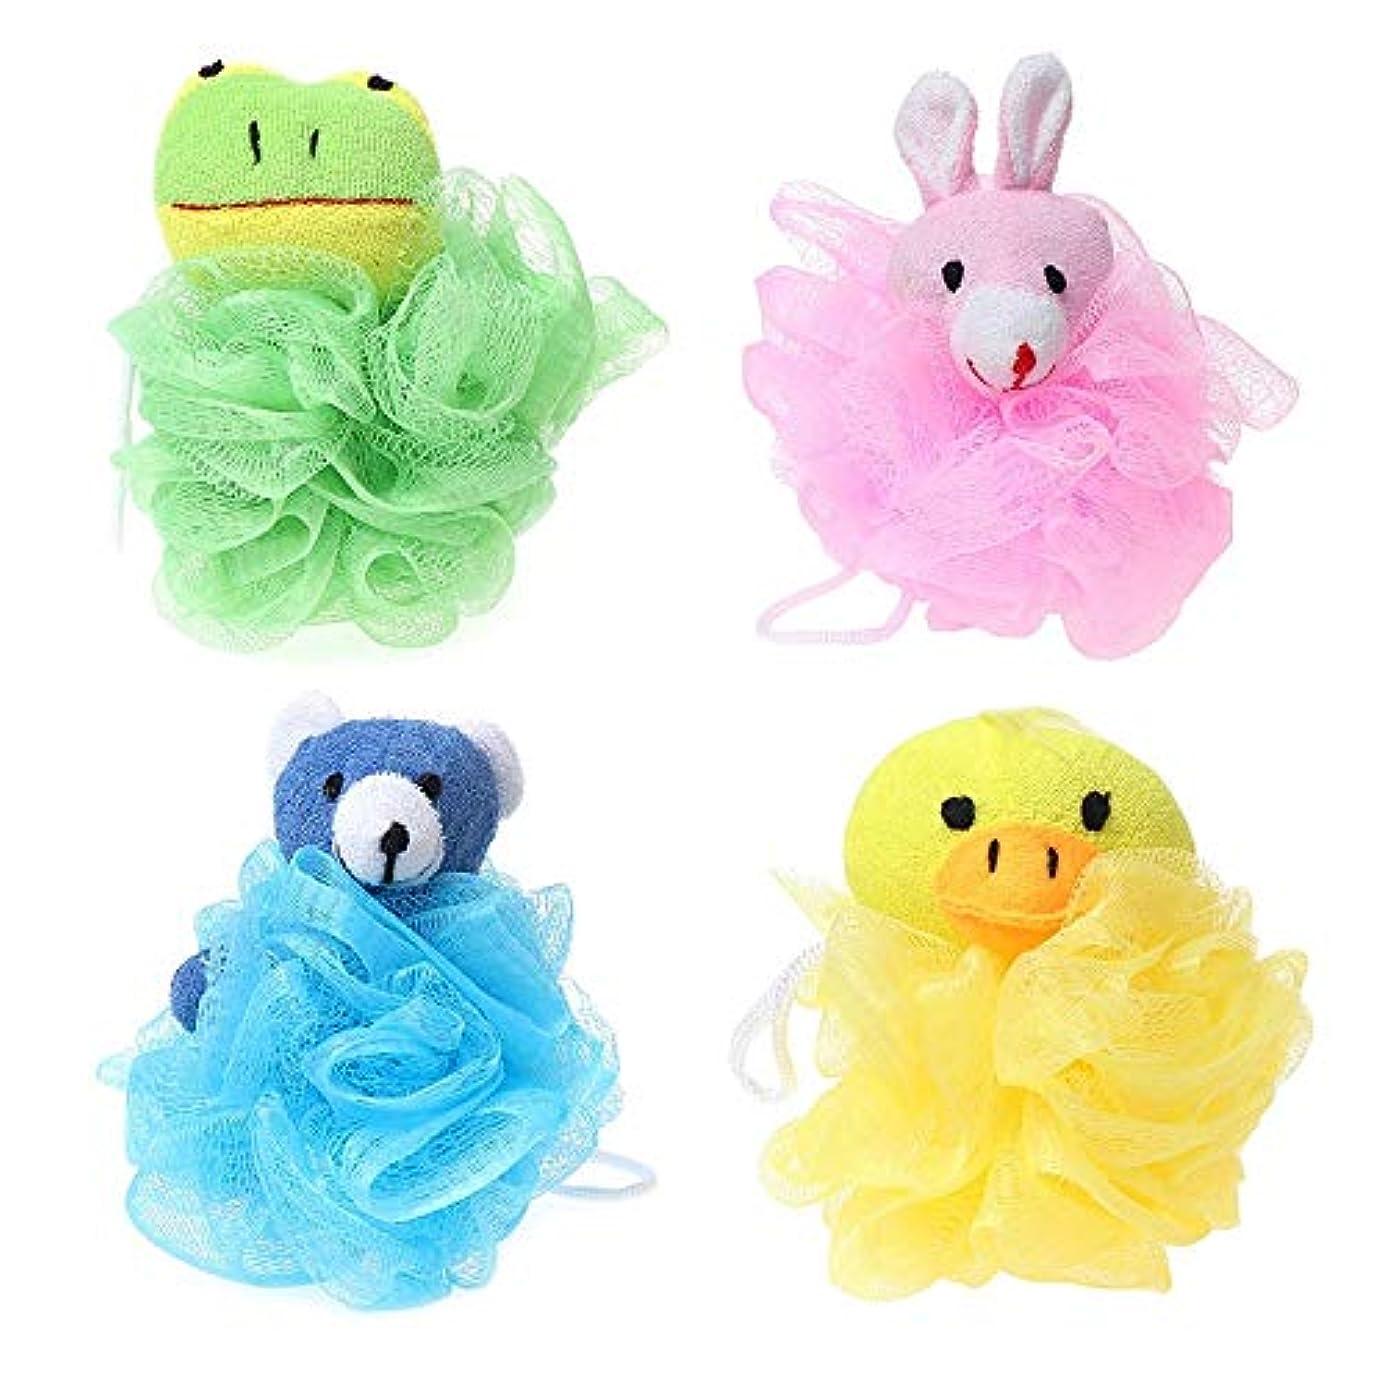 ストライプ先のことを考える旅Nrpfell 子供用おもちゃクッションパフメッシュぬいぐるみ付き(4パック)カエル、アヒル、ウサギ、クマ